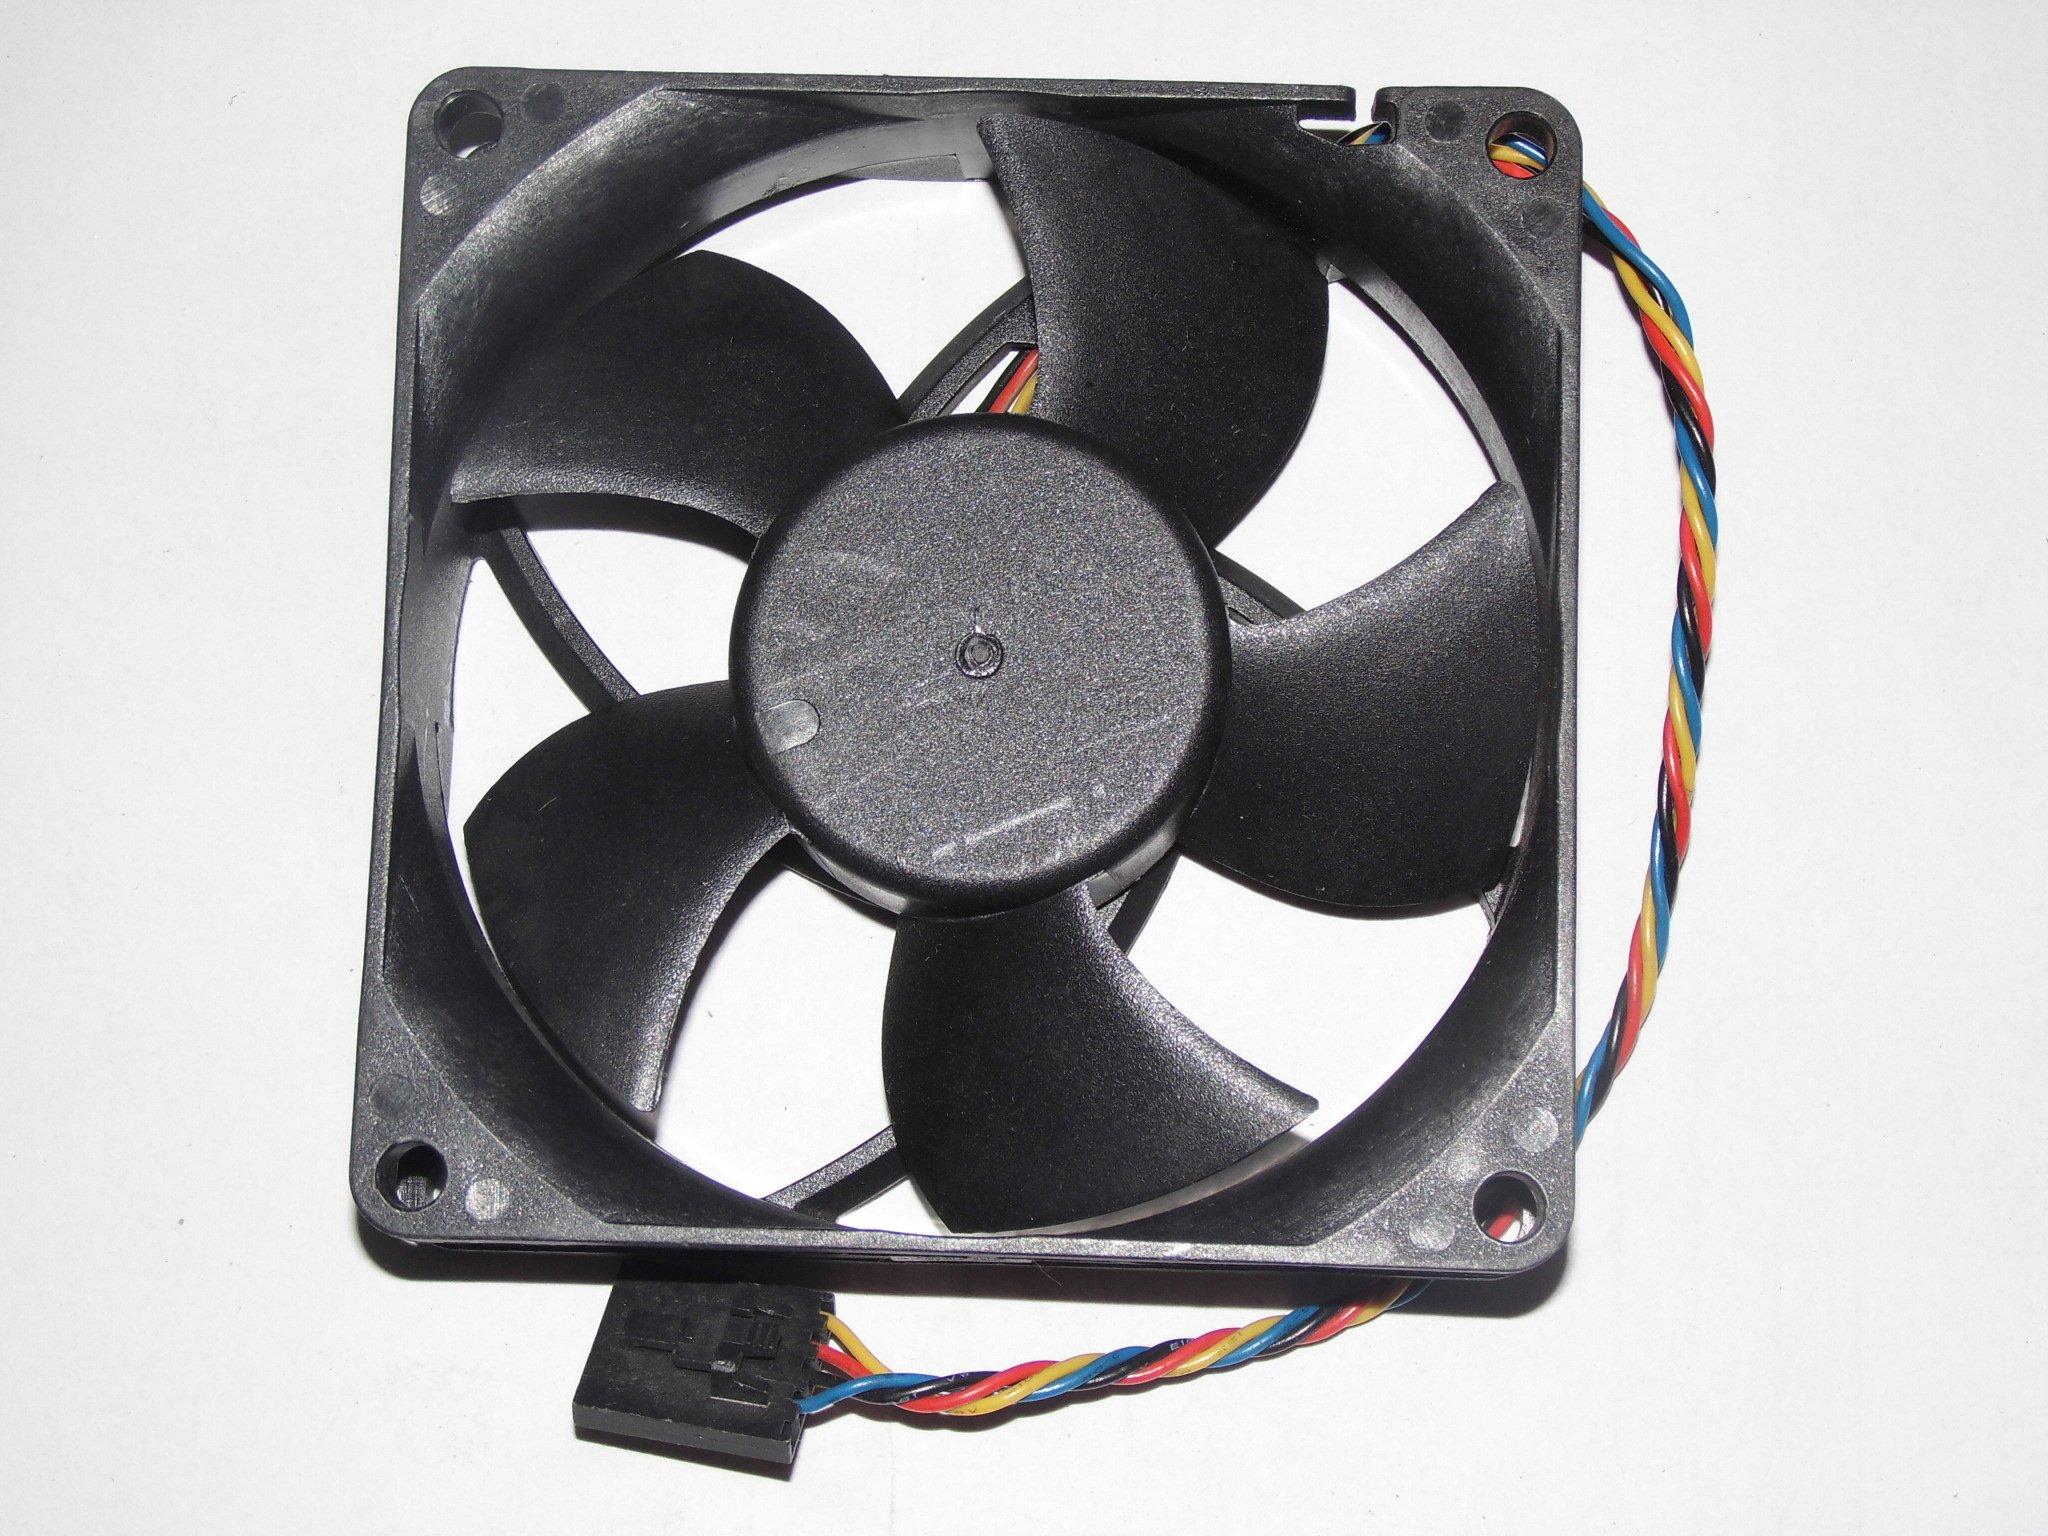 zyvpee 80x80x25mm PLA08025S12HH-1 12V 0.5A 4Wire 8cm CPU Cooler Case Fan